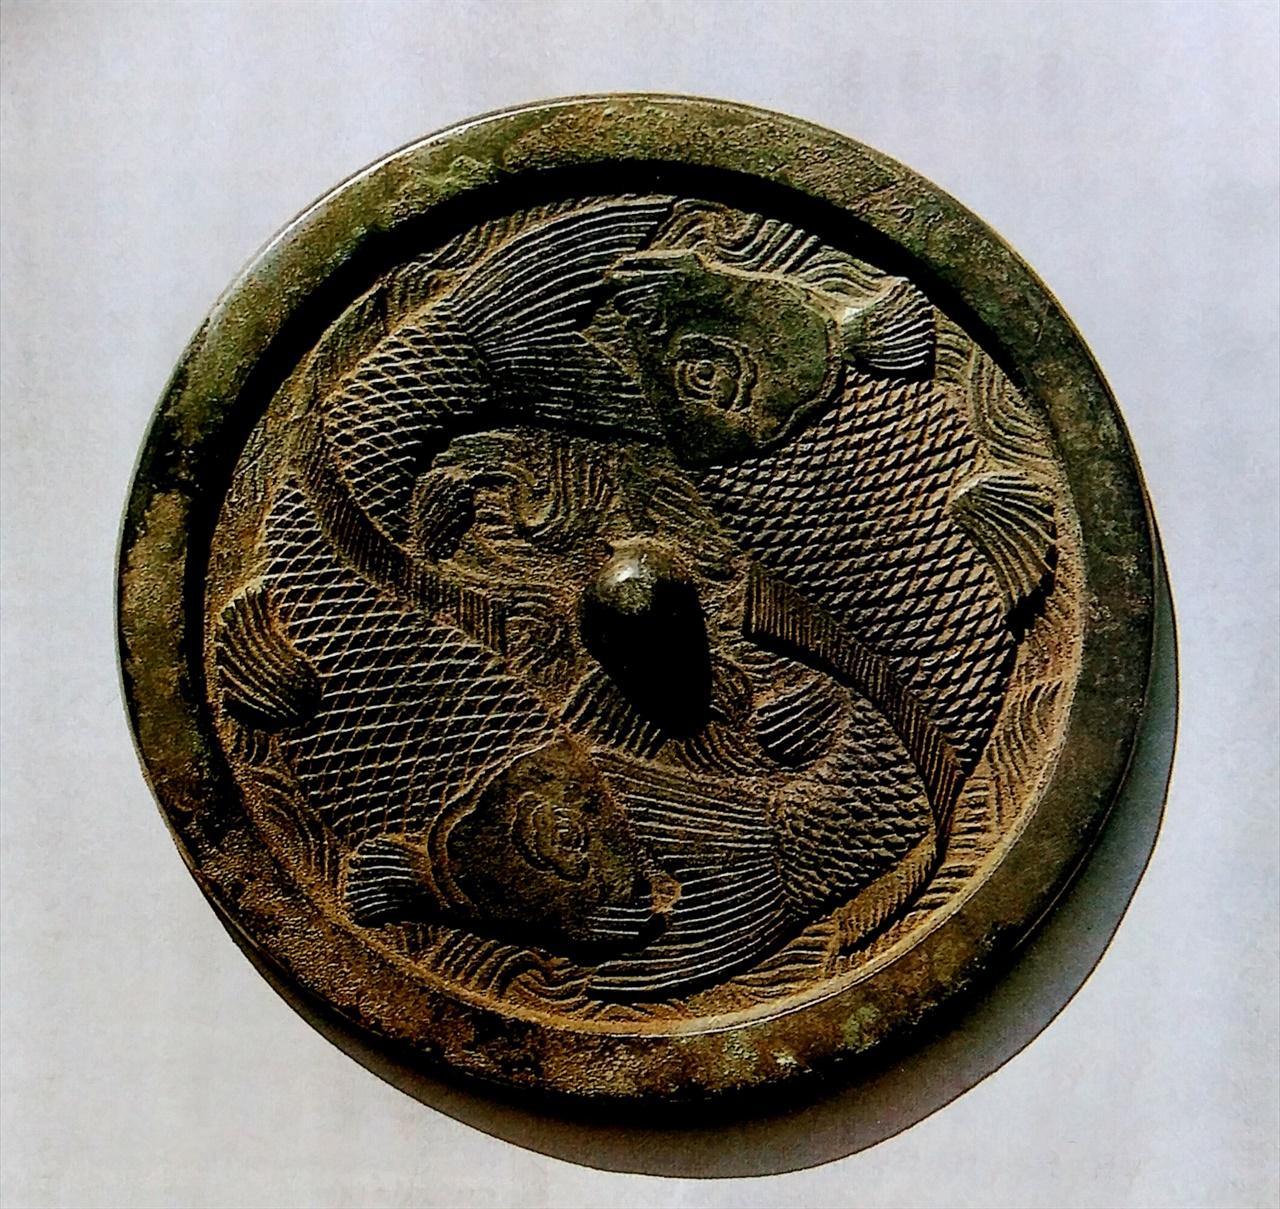 도4 붕어무늬 청동거울 고려. 지름 19.4cm. 북한 개성시 판문군 진봉리. 중국 금나라(1115-1234)에도 물고기 청동거울이 꽤 있다. 이것을 '金代雙魚鏡(금대쌍어경)'이라 한다. 중국과 한국 고고학에서는 이 거울 속 물고기를 보통 다산이나 자식복으로 본다. 하지만 알은 개구리도 많이 낳는다. 그래서 물고기가 왜 청동거울 속에 있는가, 하는 점을 청동거울 역사와 무늬 맥락에서 보아야 한다. 이에 대해서는 청동기미술사에서 자세히 다루겠다. 일단 여기서도, 물고기는 물고기가 아니다.